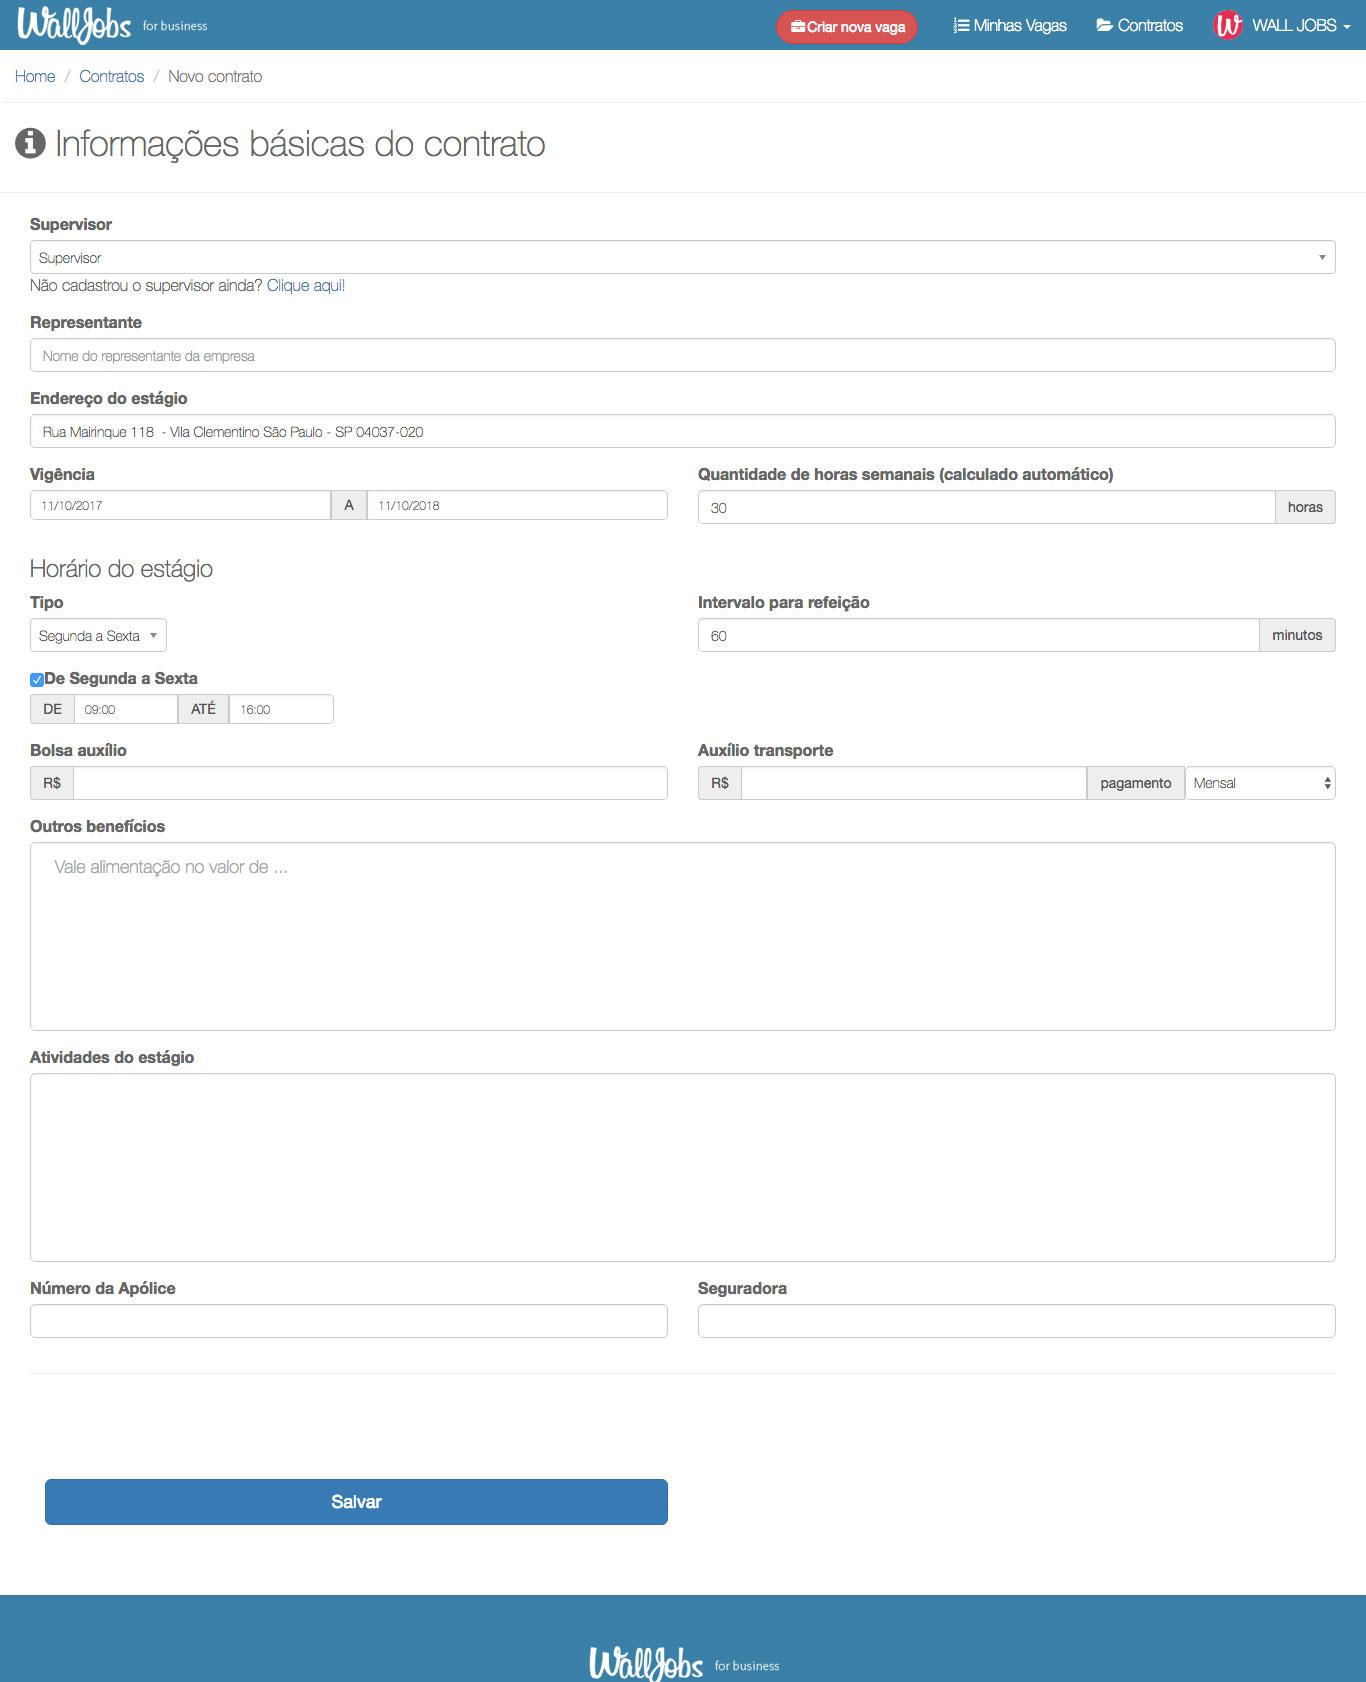 Exemplo da página de criação de um contrato na plataforma WallJobs